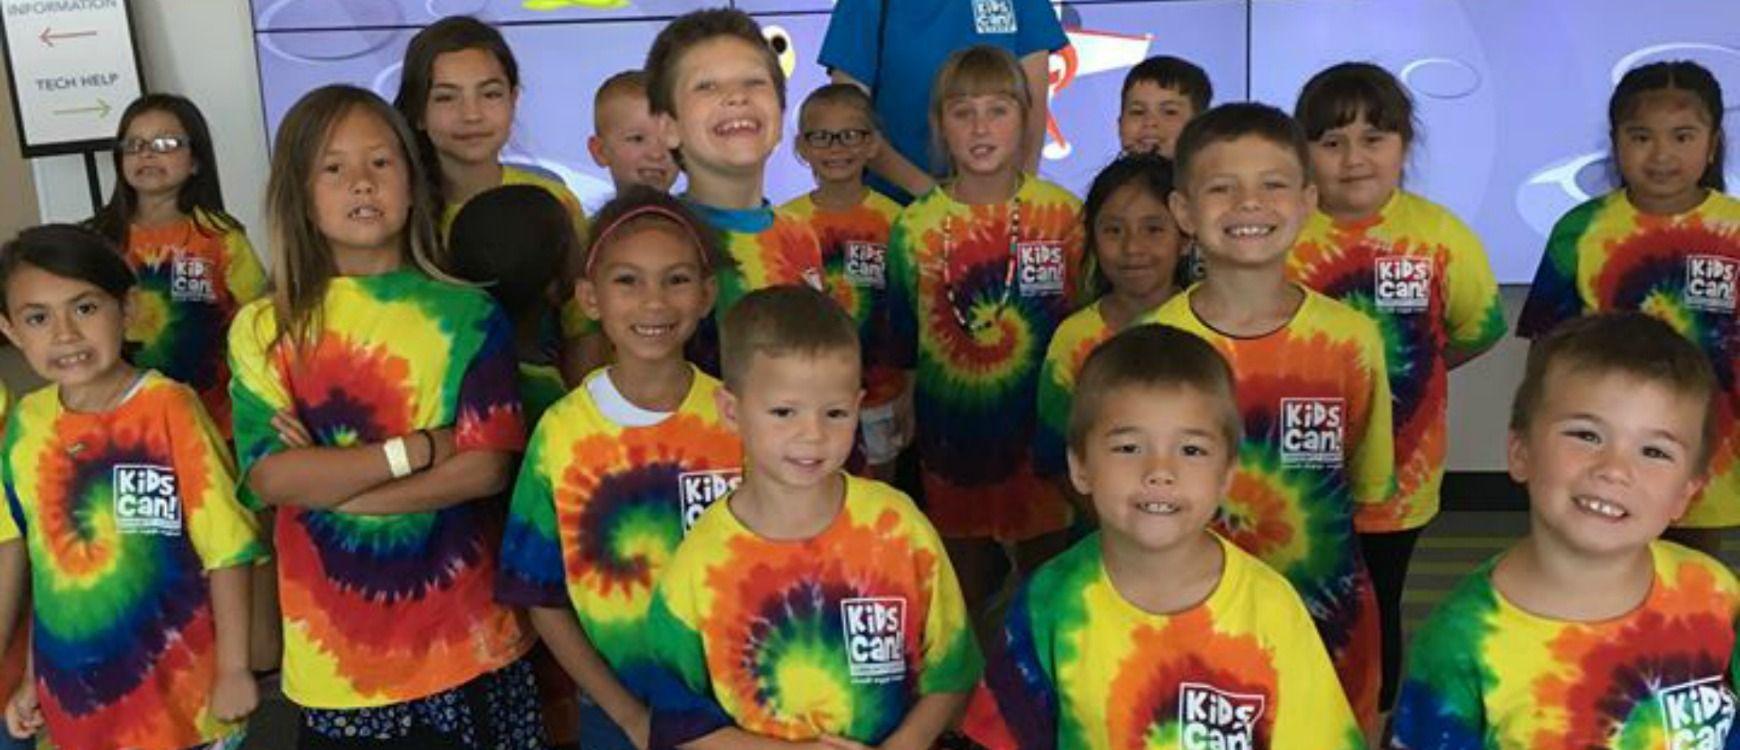 Kids Can Summer Program